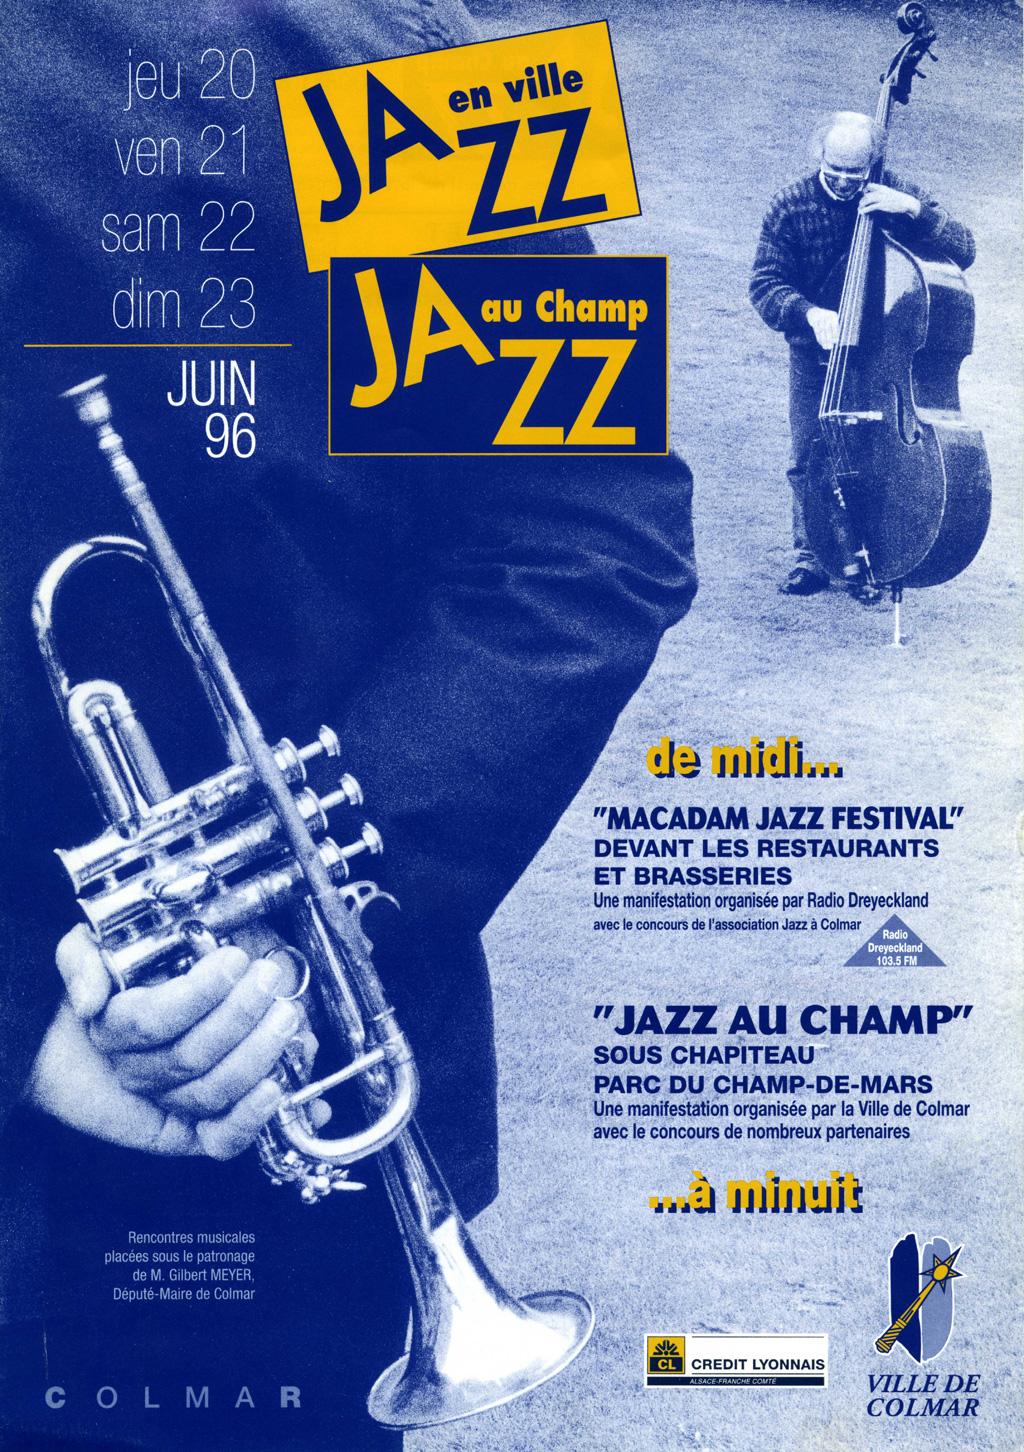 Couverture du programme du Festival de Jazz de Colmar 1996